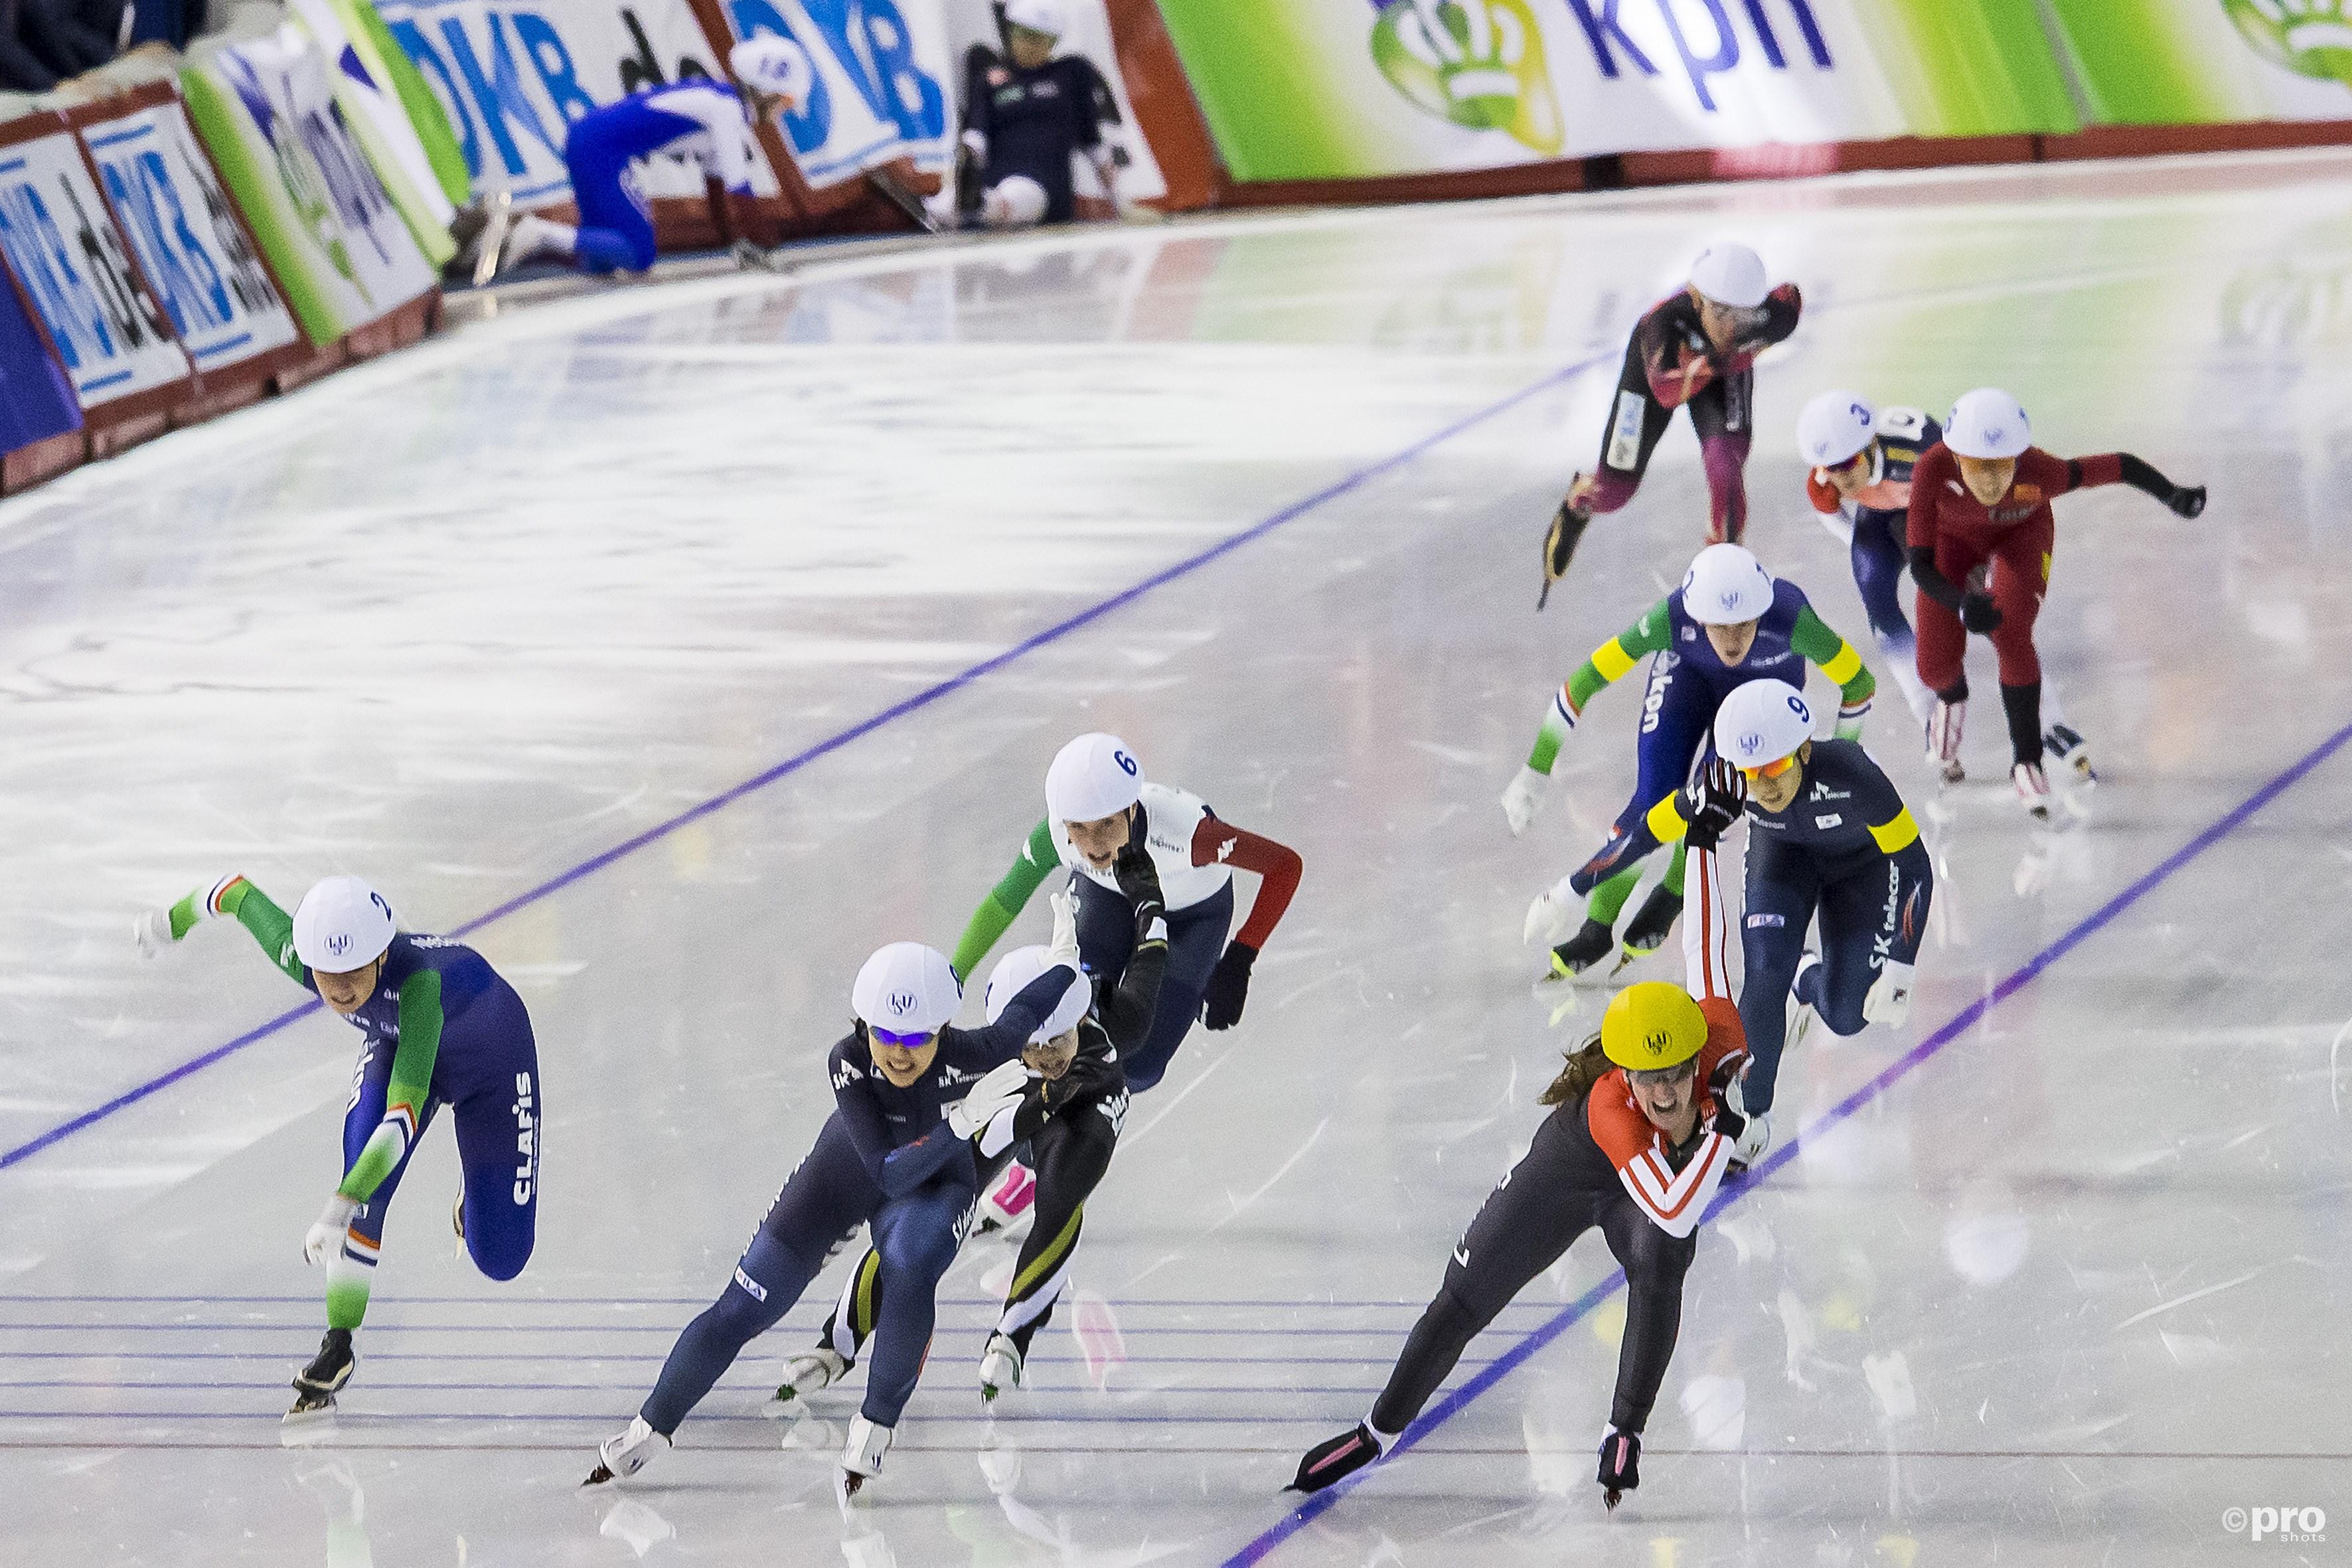 Kim Bo-reum (midden) wint een massastart in Calgary, terwijl achterin iets niet helemaal goed ging (Pro Shots/Erik Pasman)